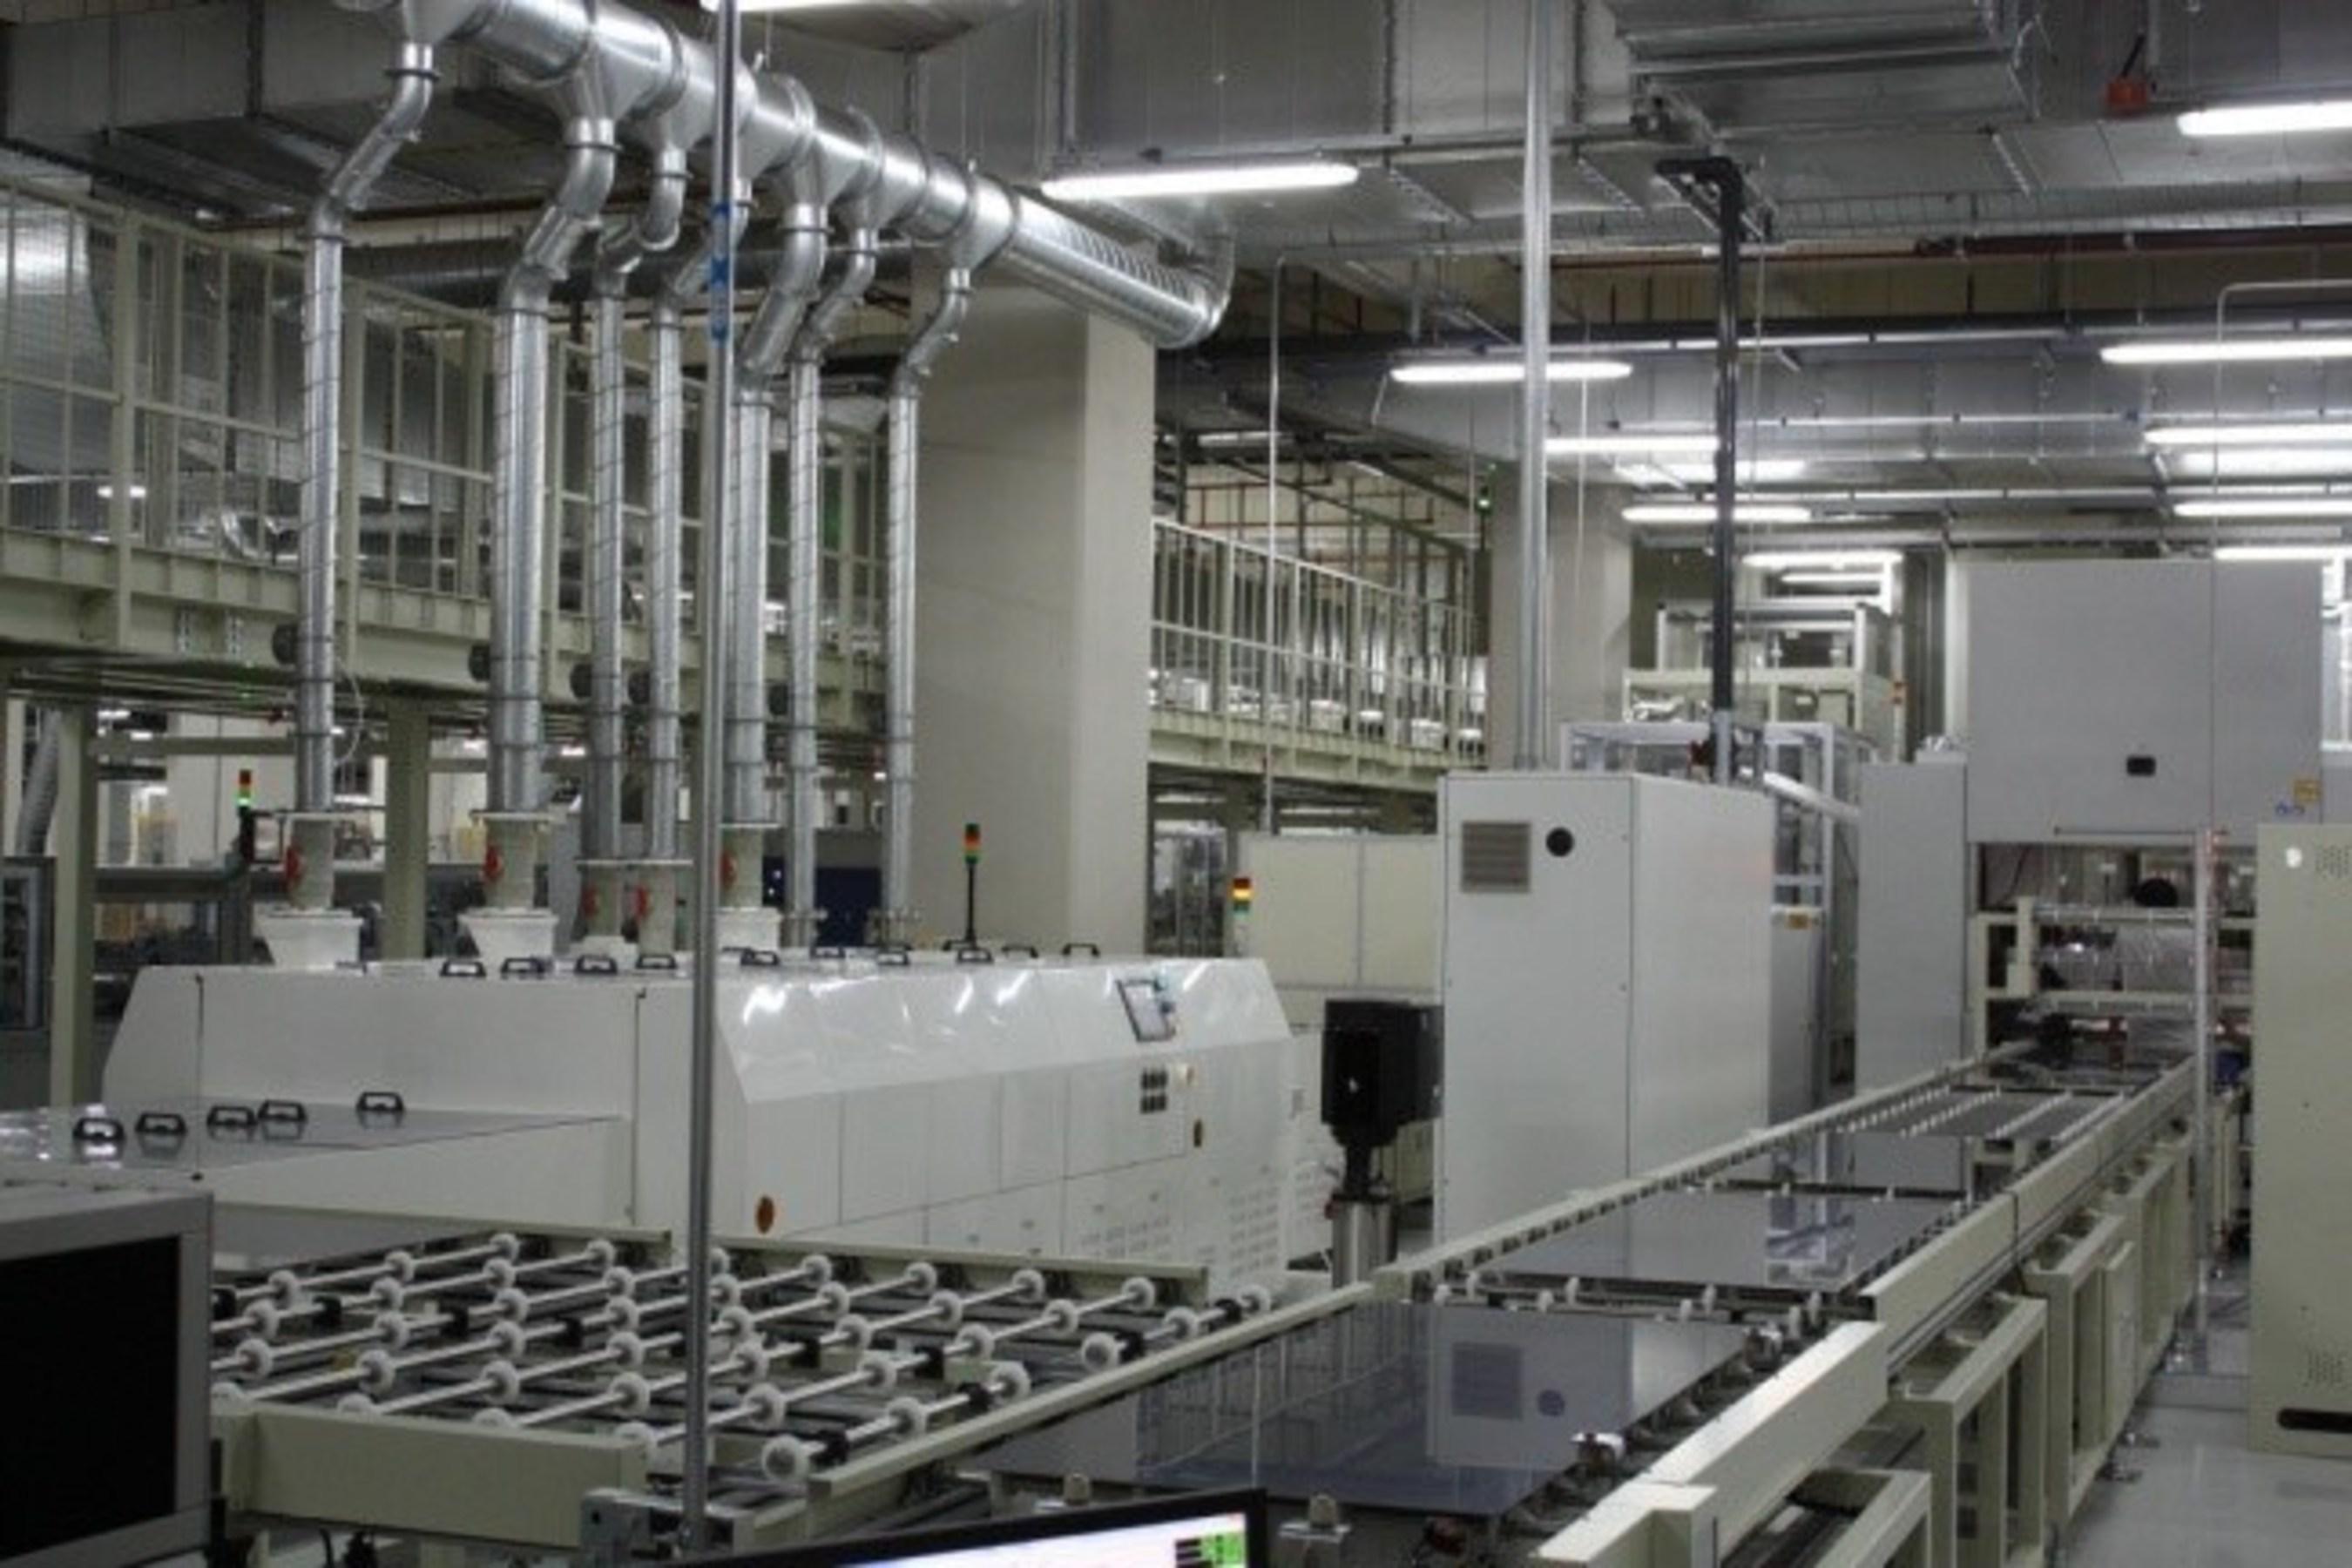 Module in handelsüblicher Größe (1,09 m2) von TSMC Solar stellen Rekord für CIGS-Module von 16,5 %